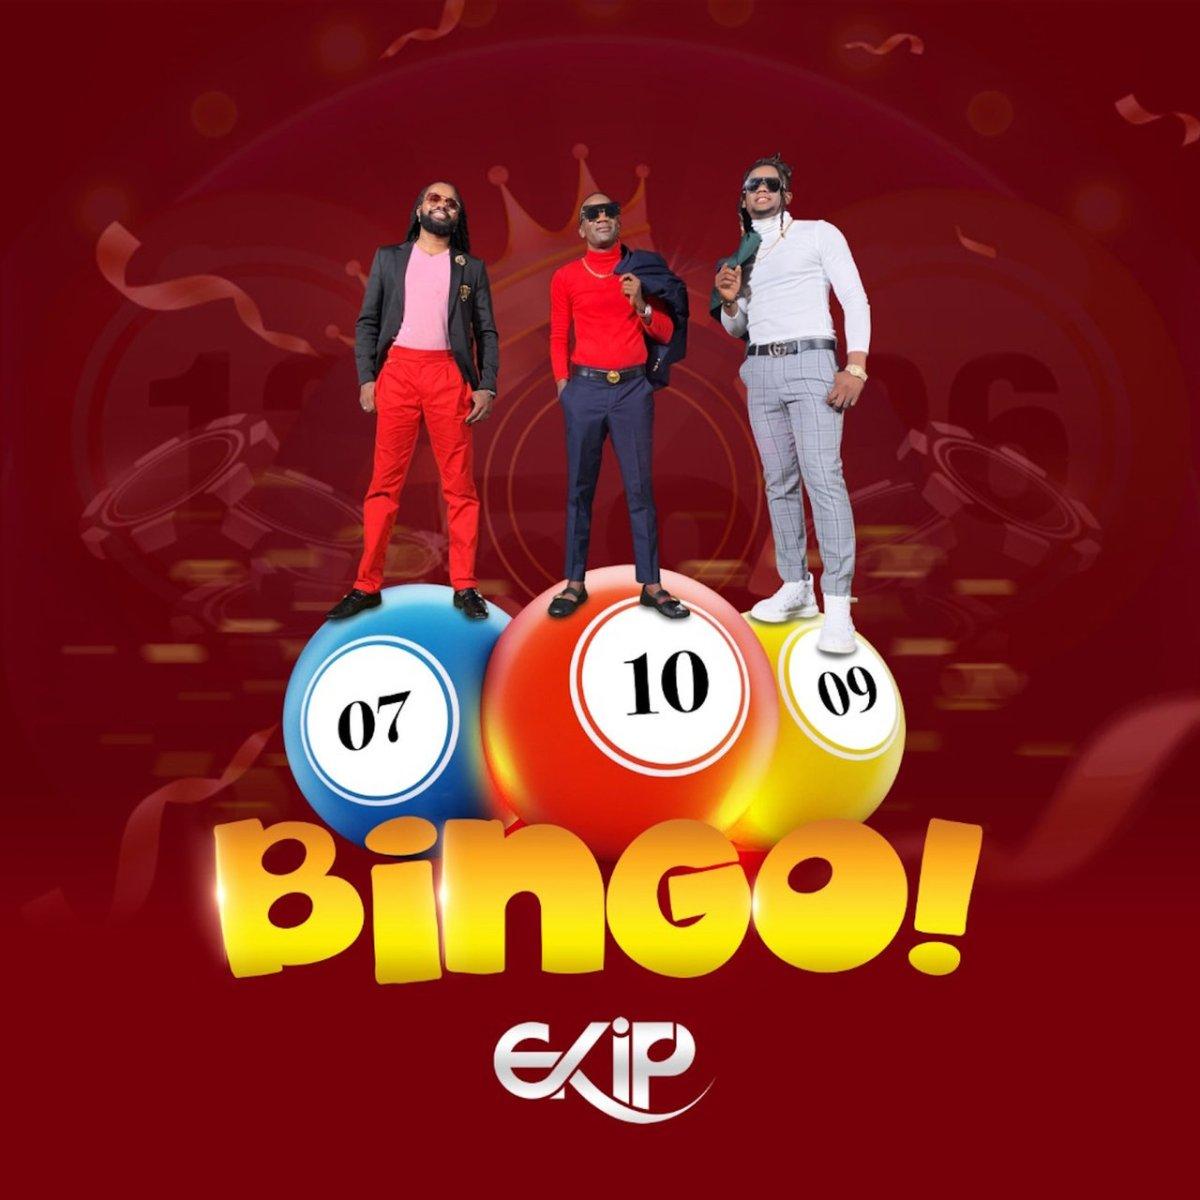 Ekip - Bingo (ft. Shabba) (Cover)